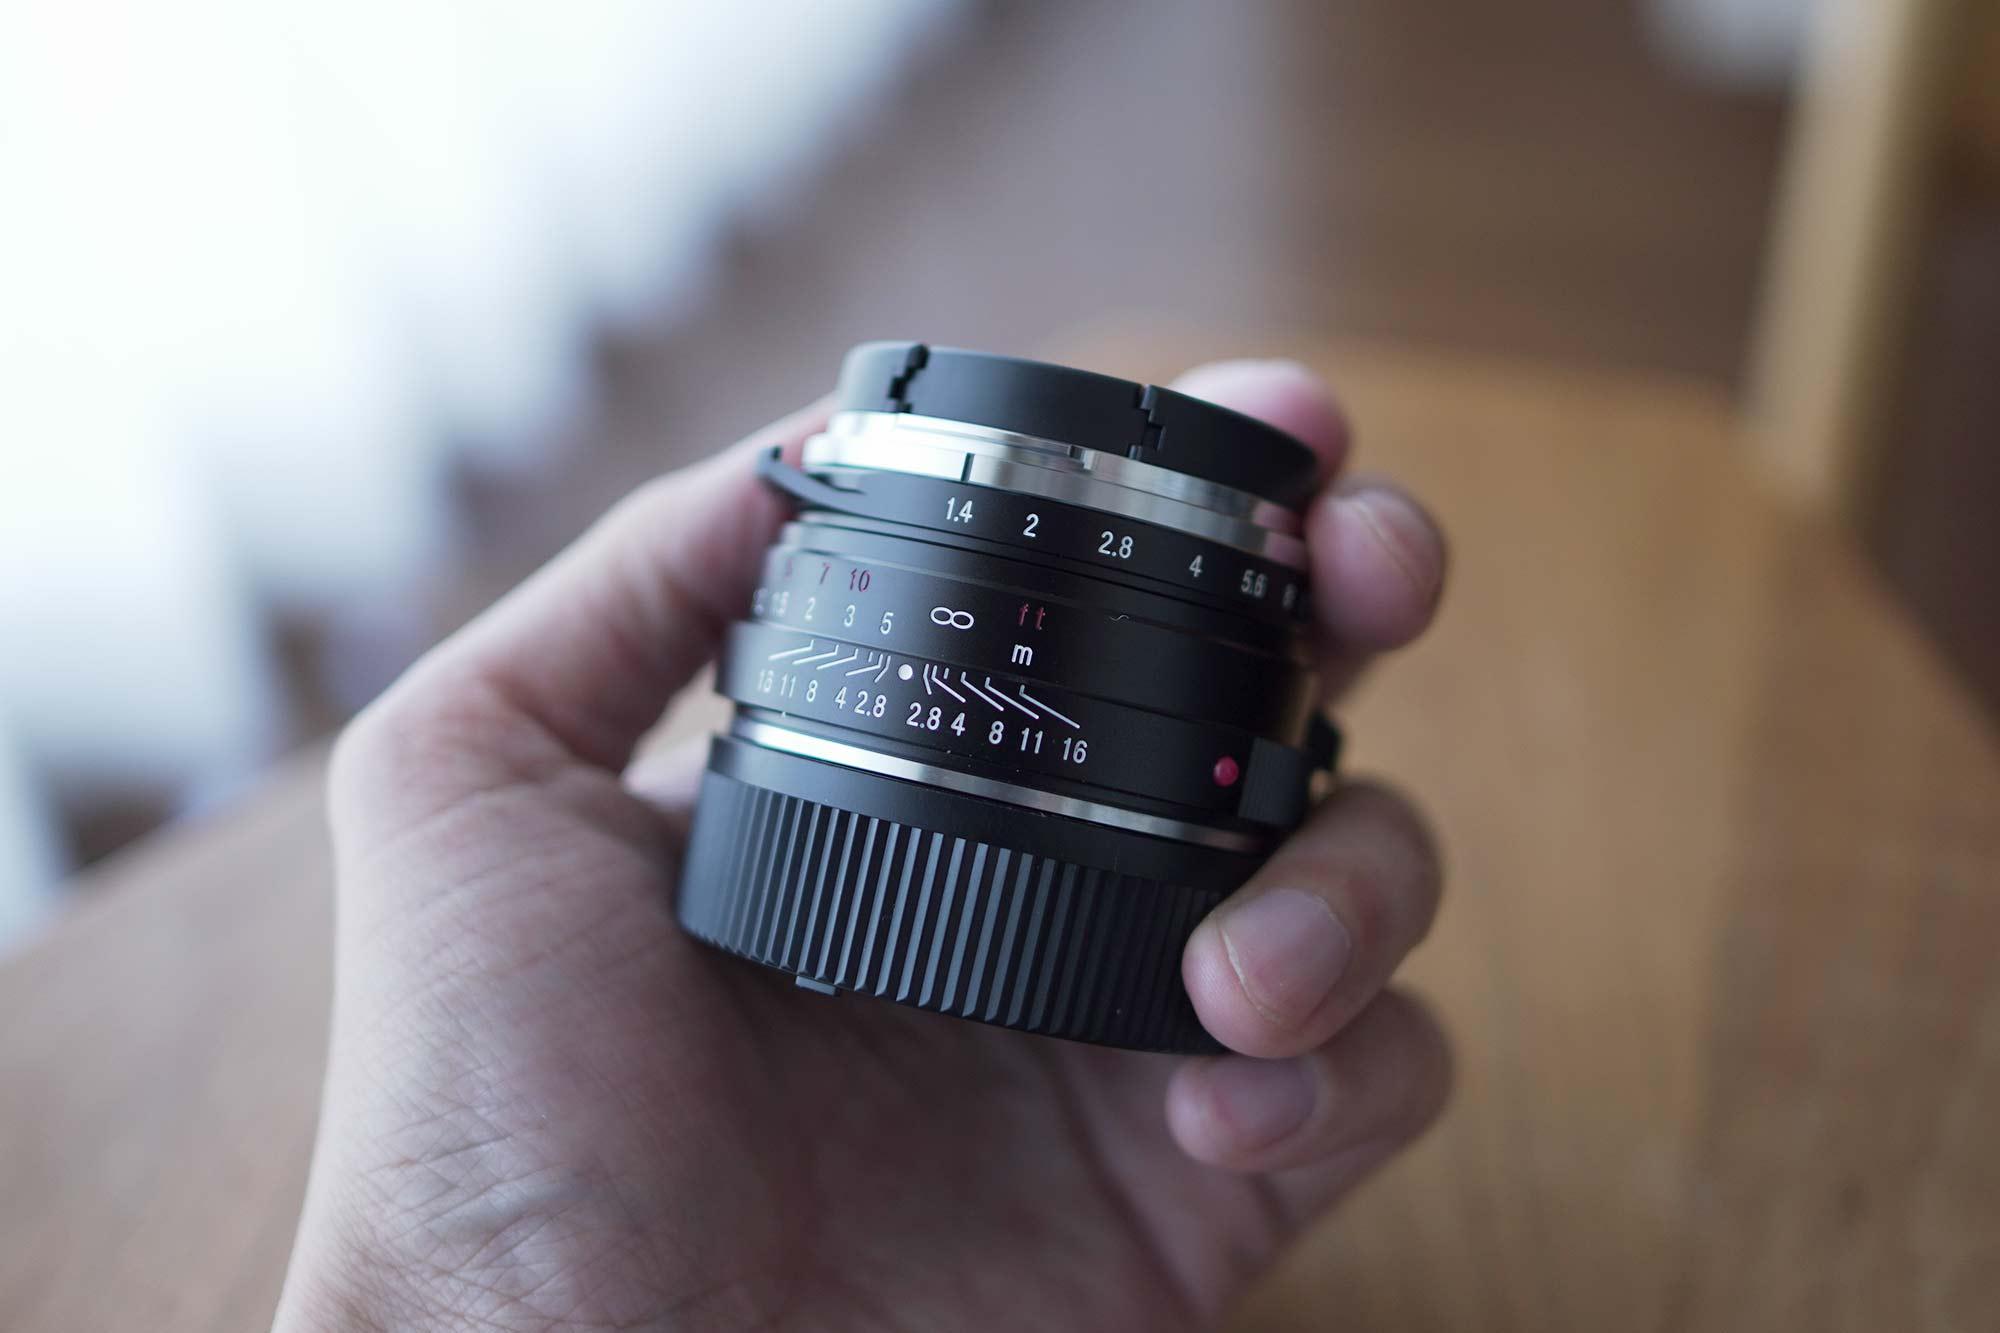 フォクトレンダー,カメラ,レンズ,クラシック,オールドレンズ,40mm,f1.4,軽い